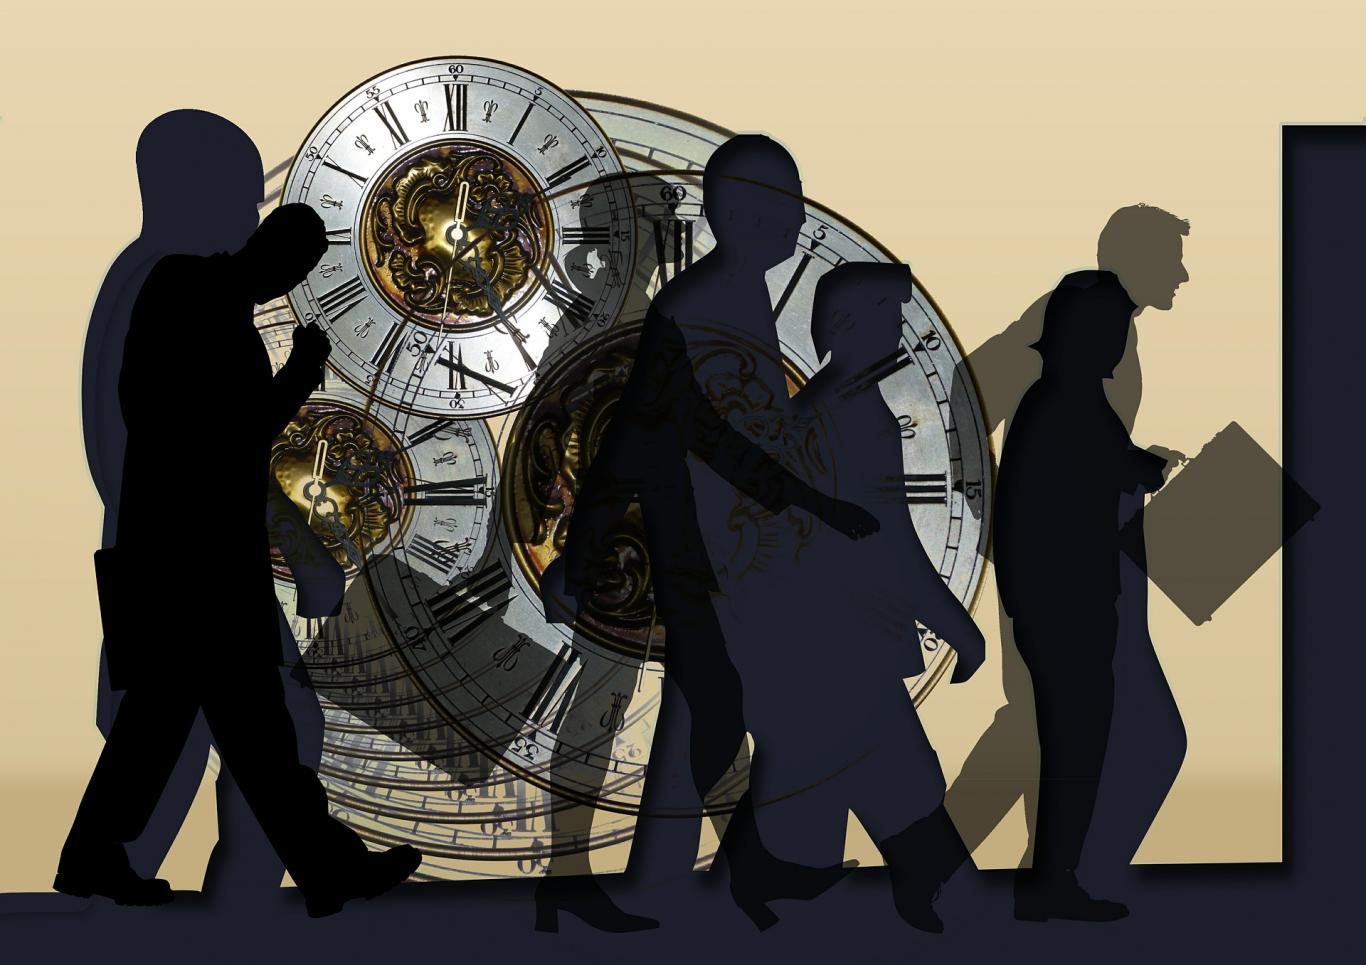 Hombres y relojes